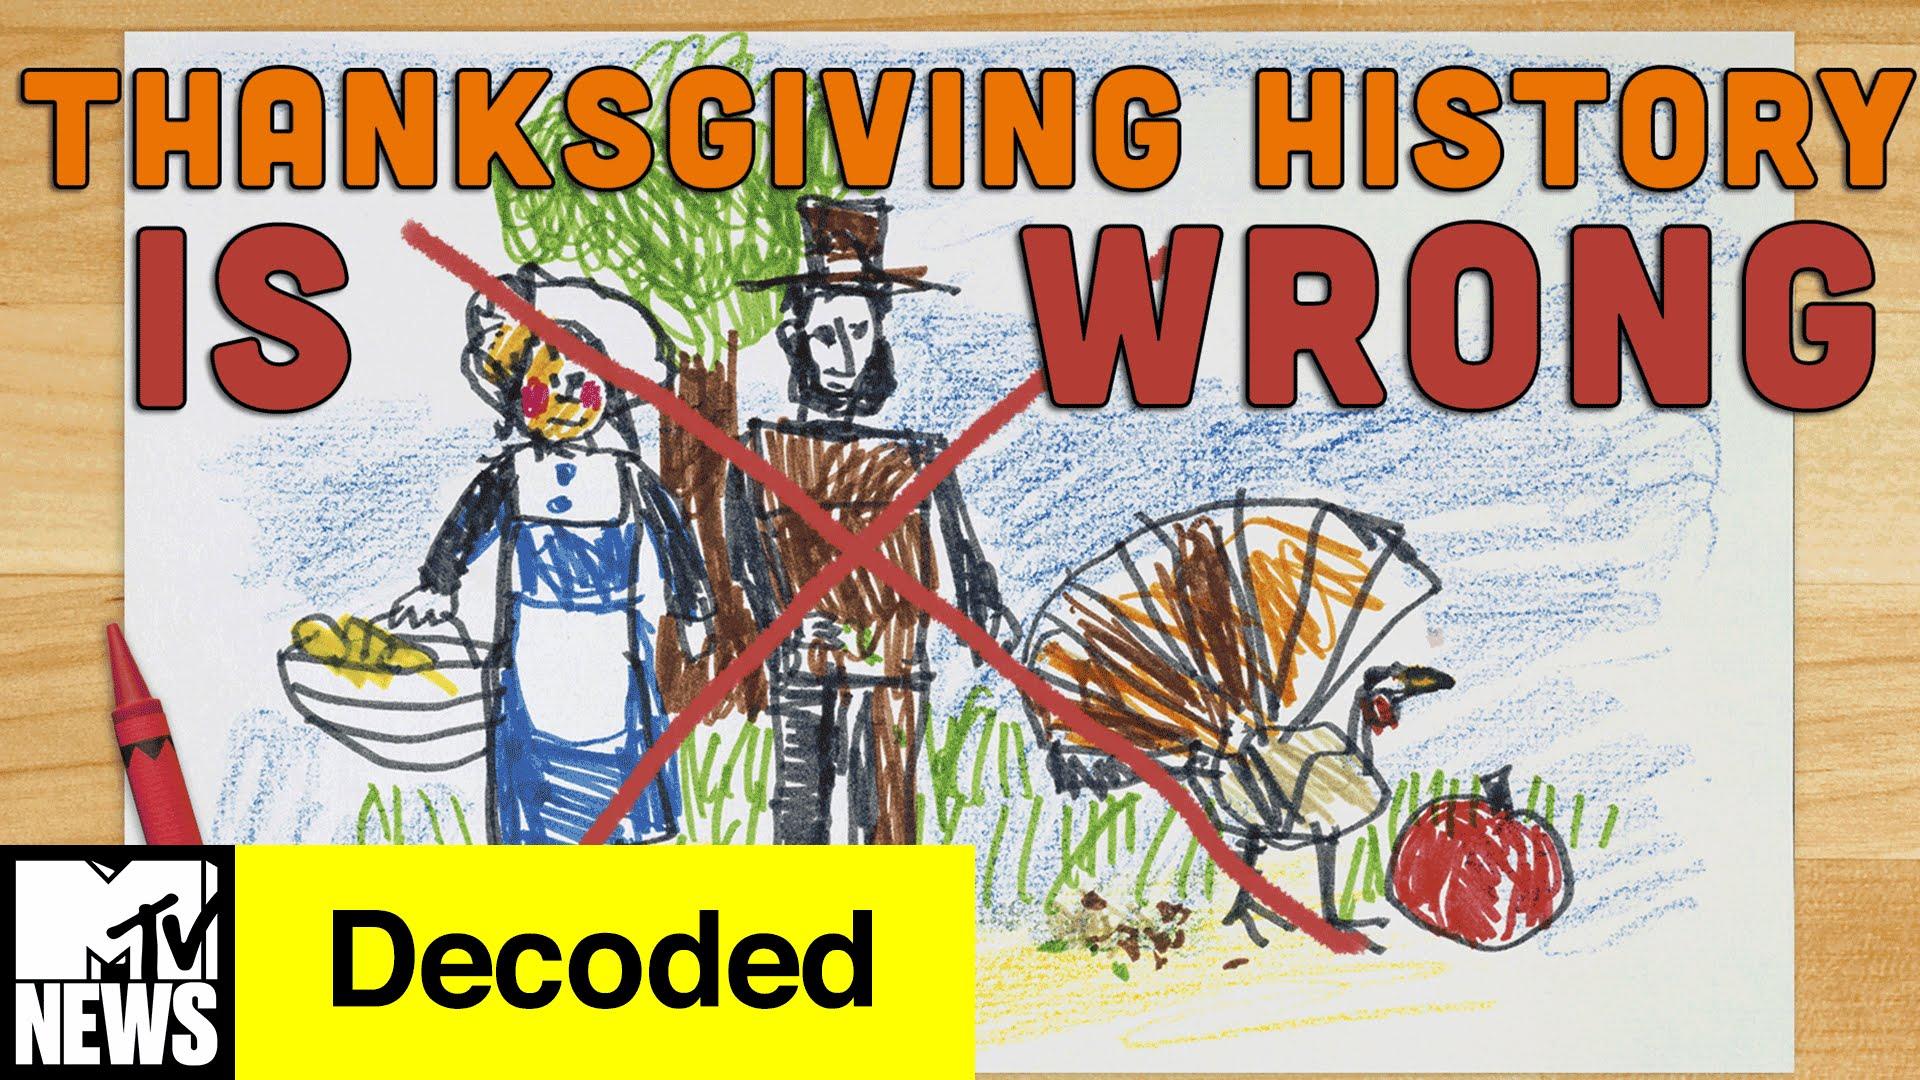 「感恩節其實是個血腥節日?!」- Everything You Know about Thanksgiving is WRONG